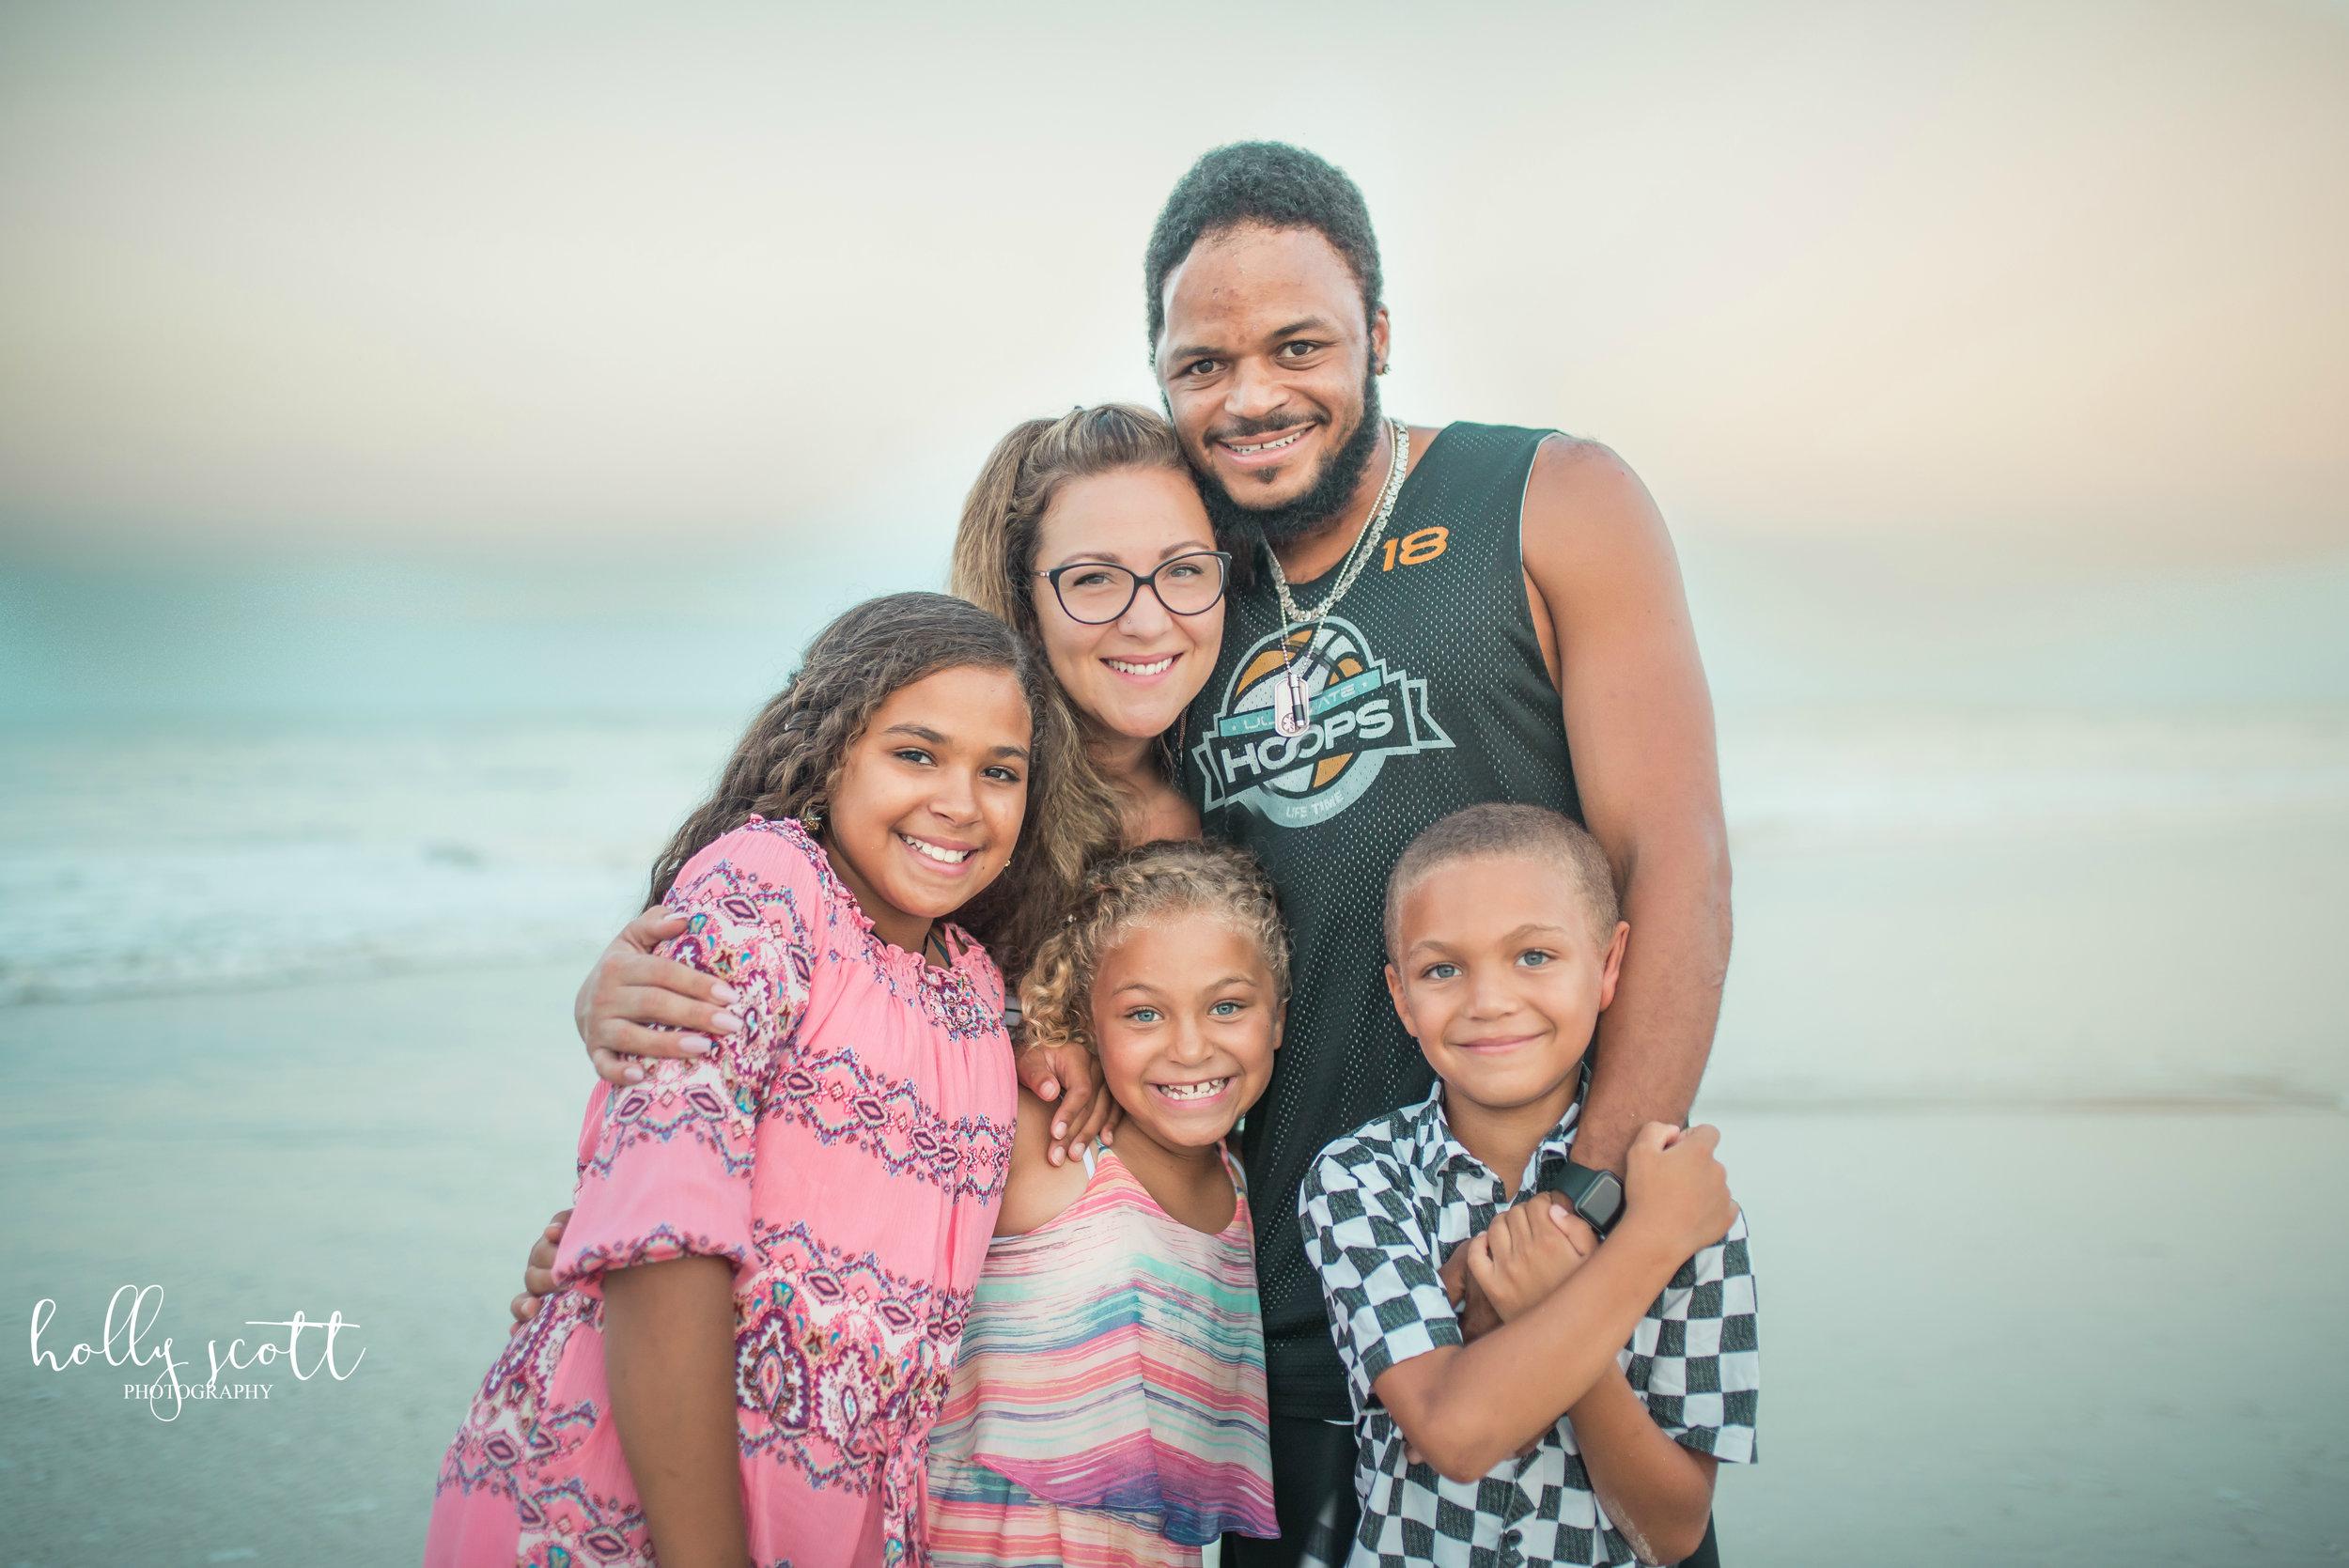 price family pic.jpg